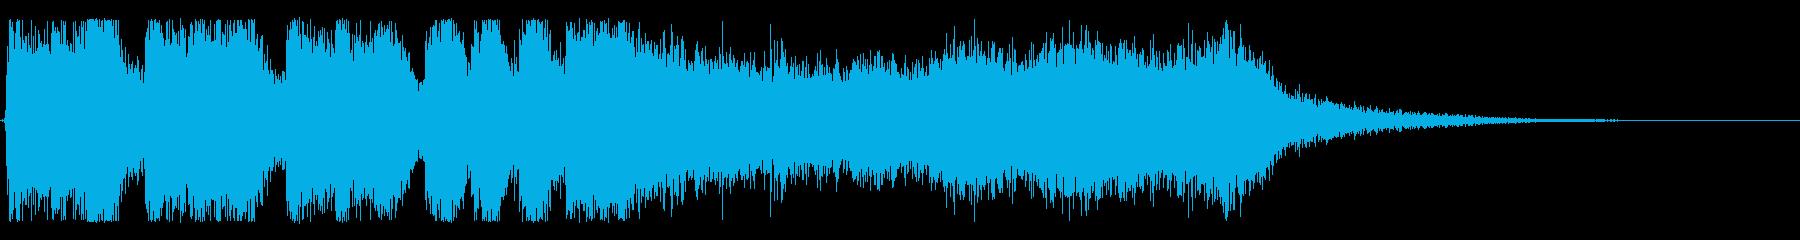 【大当たり!1】の再生済みの波形